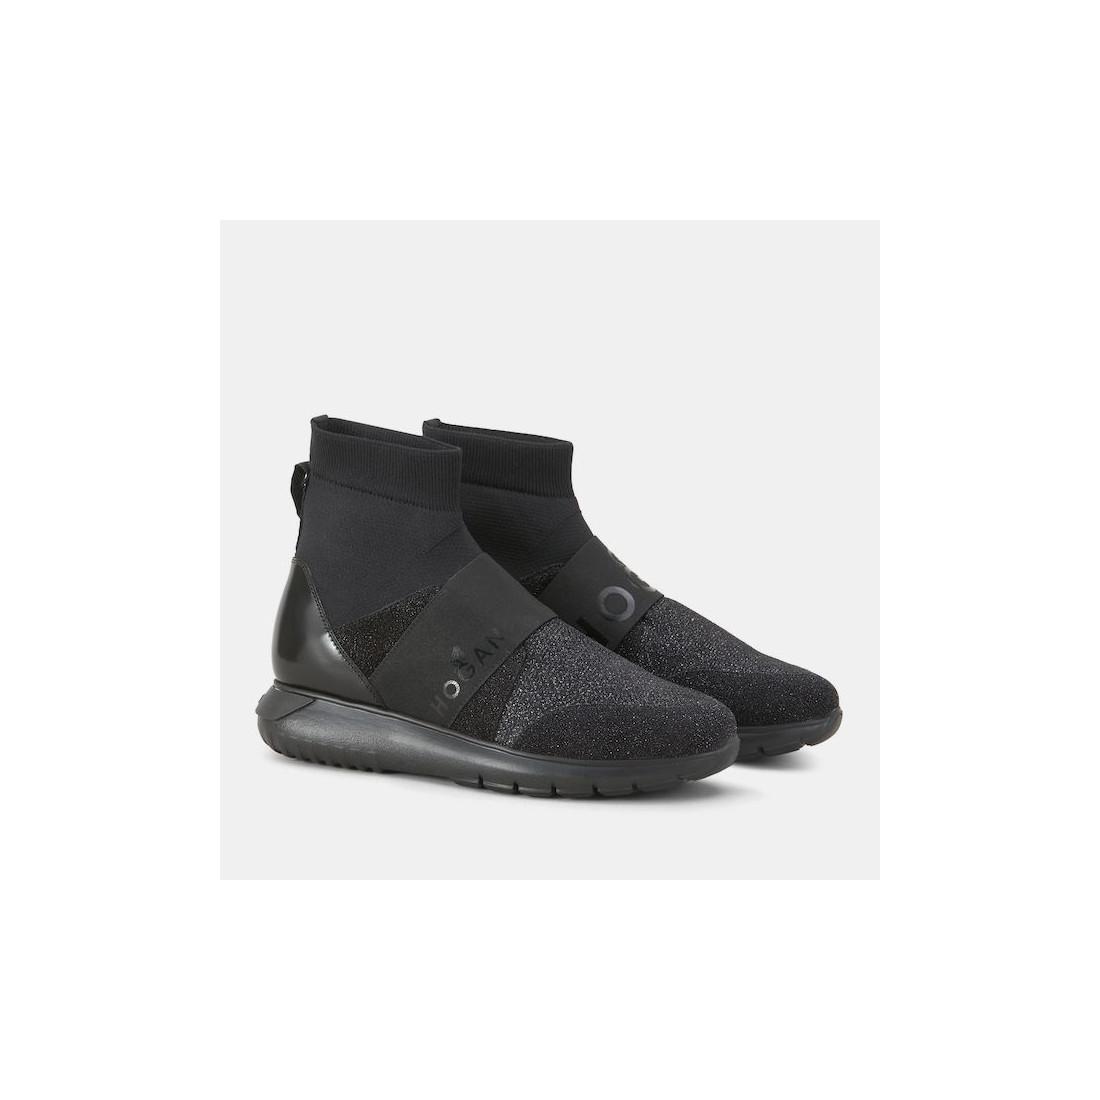 sneakers woman hogan hxw3710ar20jkfb999 3571